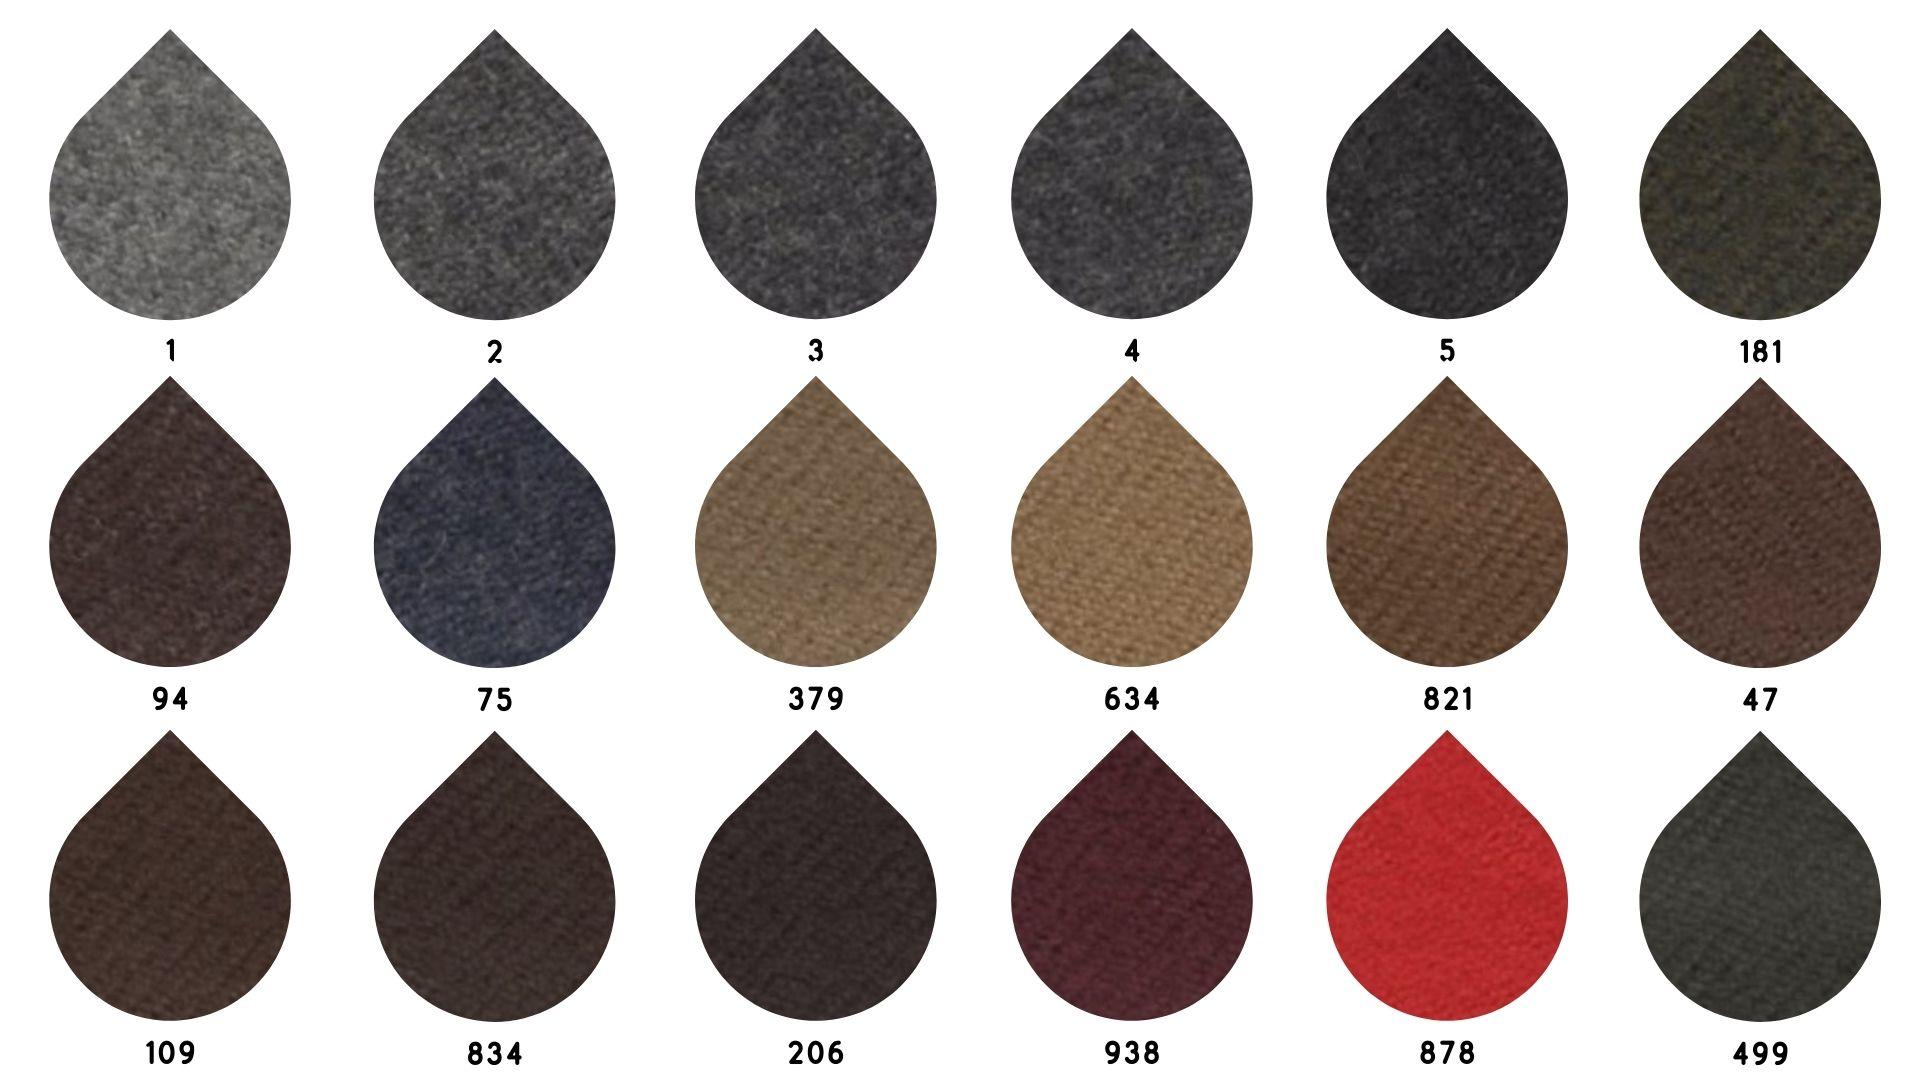 la cartella colore del tessuto flanella zignone di Leadford & Logan